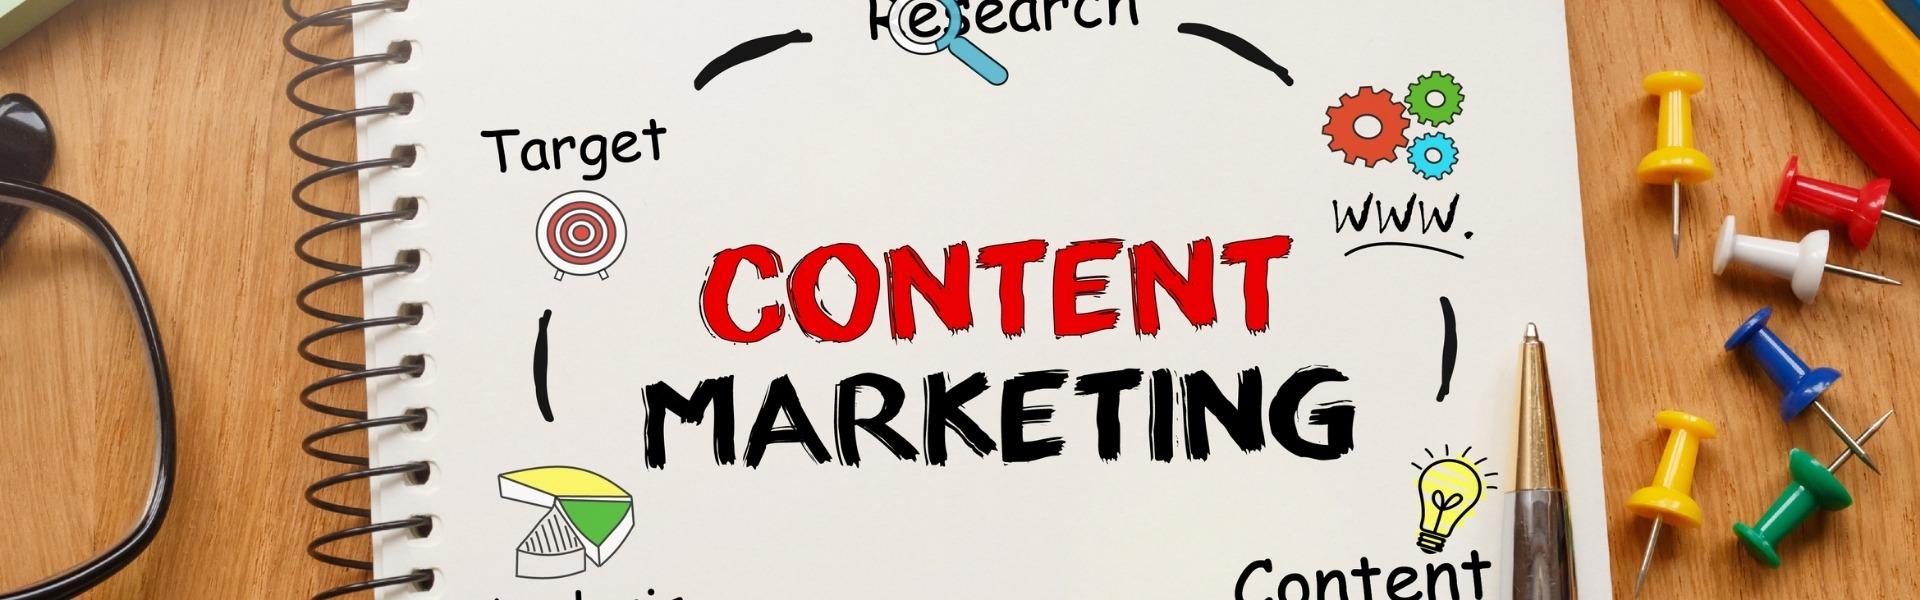 banner-dich-vu-contentmarketing